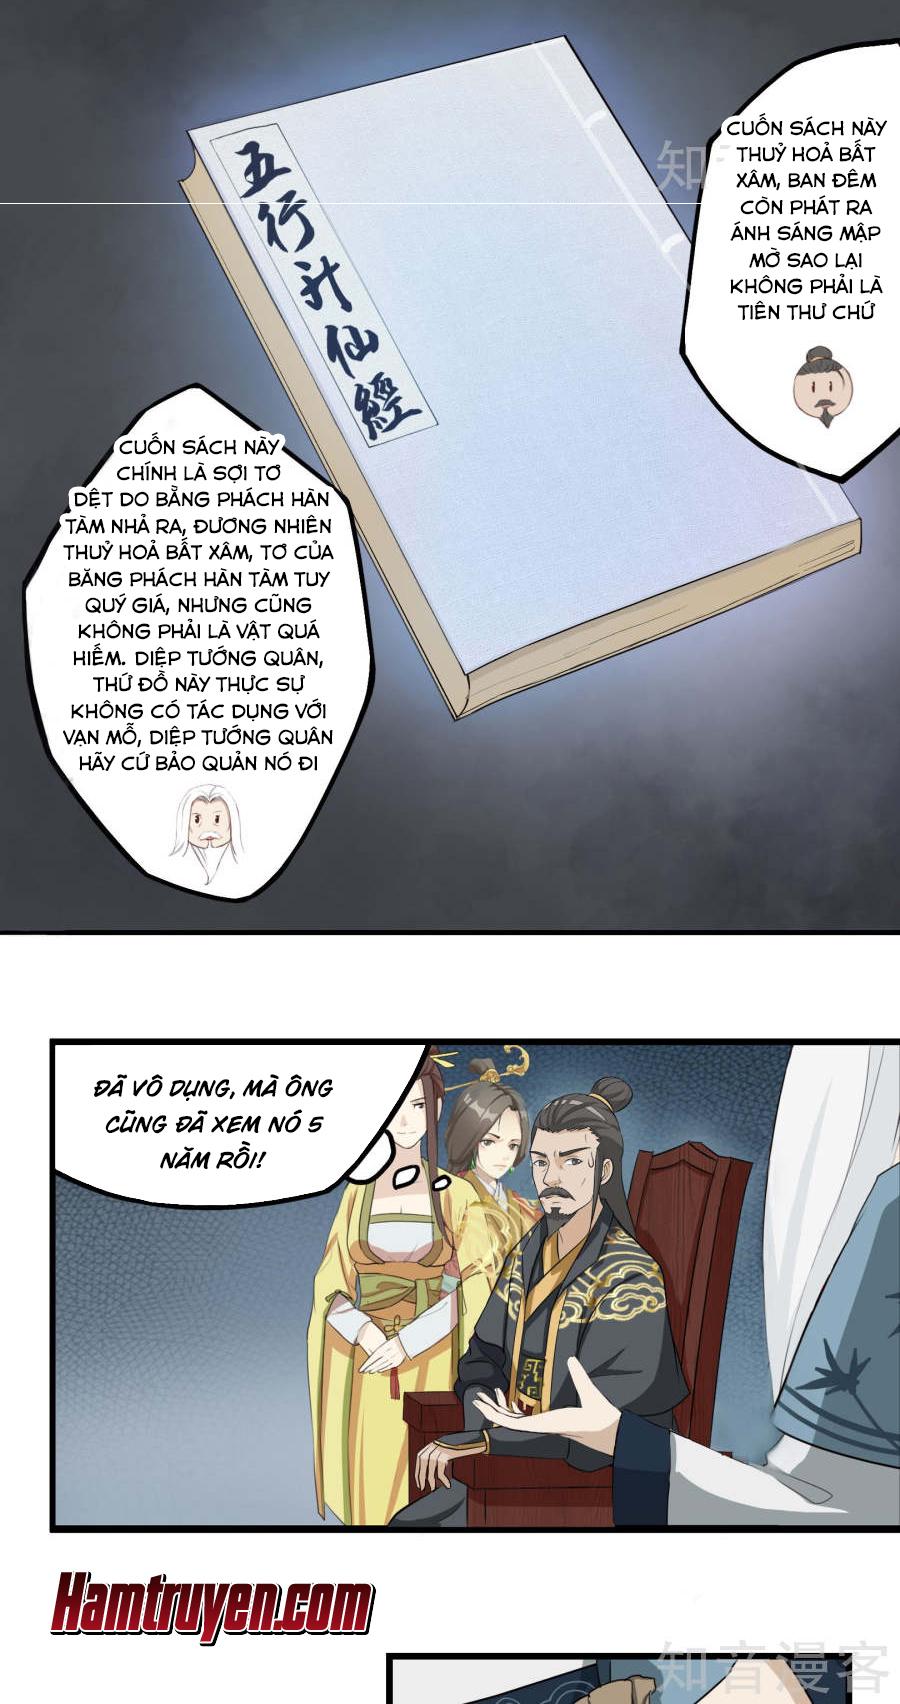 Cuồng Đồ Tu Tiên - Chap 18